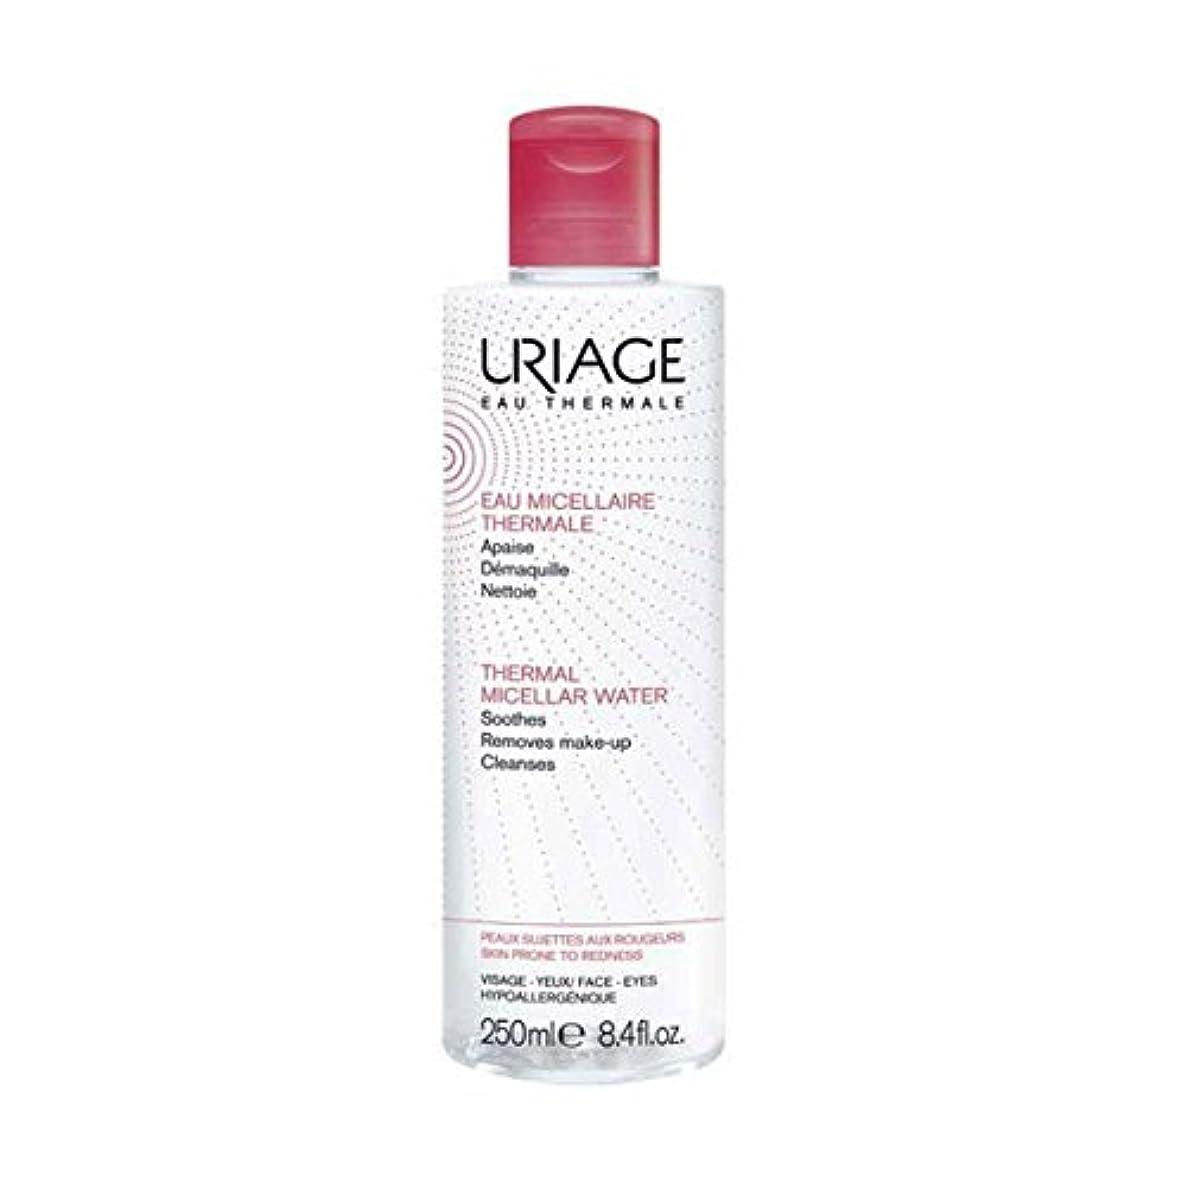 銛ウィスキー作りUriage Thermal Micellar Water Skin Prone To Redness 250ml [並行輸入品]